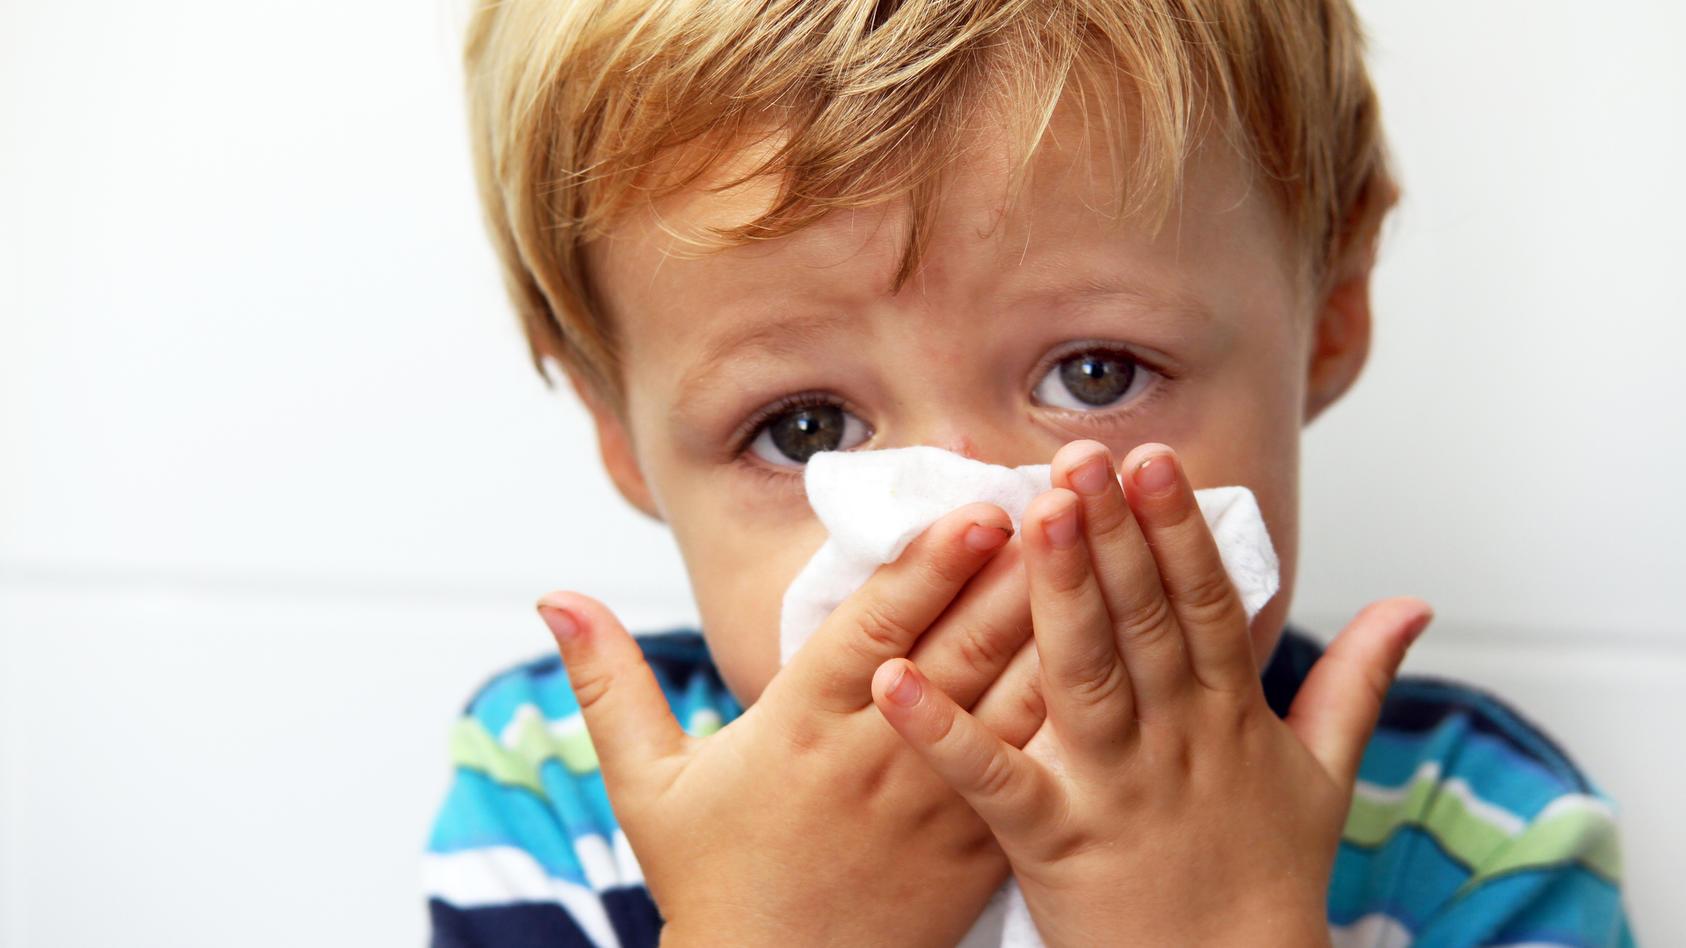 Aktuell ist Grippesaison. Und für Laien ist es schwer zu entscheiden, ob ihr Kind eine Grippe hat oder an Corona erkrankt ist.